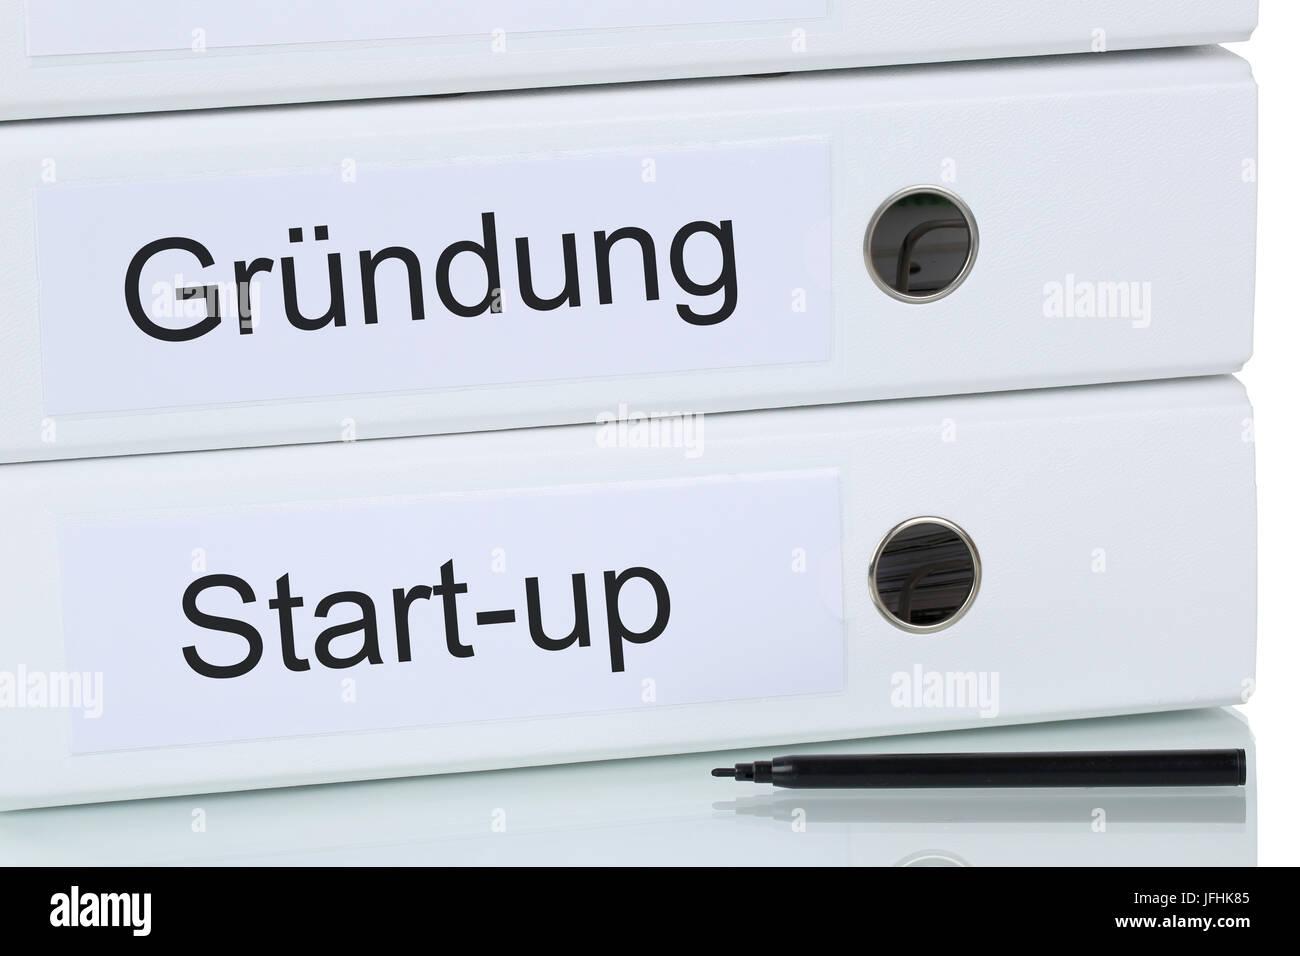 Gründung einer Firma oder Unternehmen Inicio Konzept empresarial Imagen De Stock